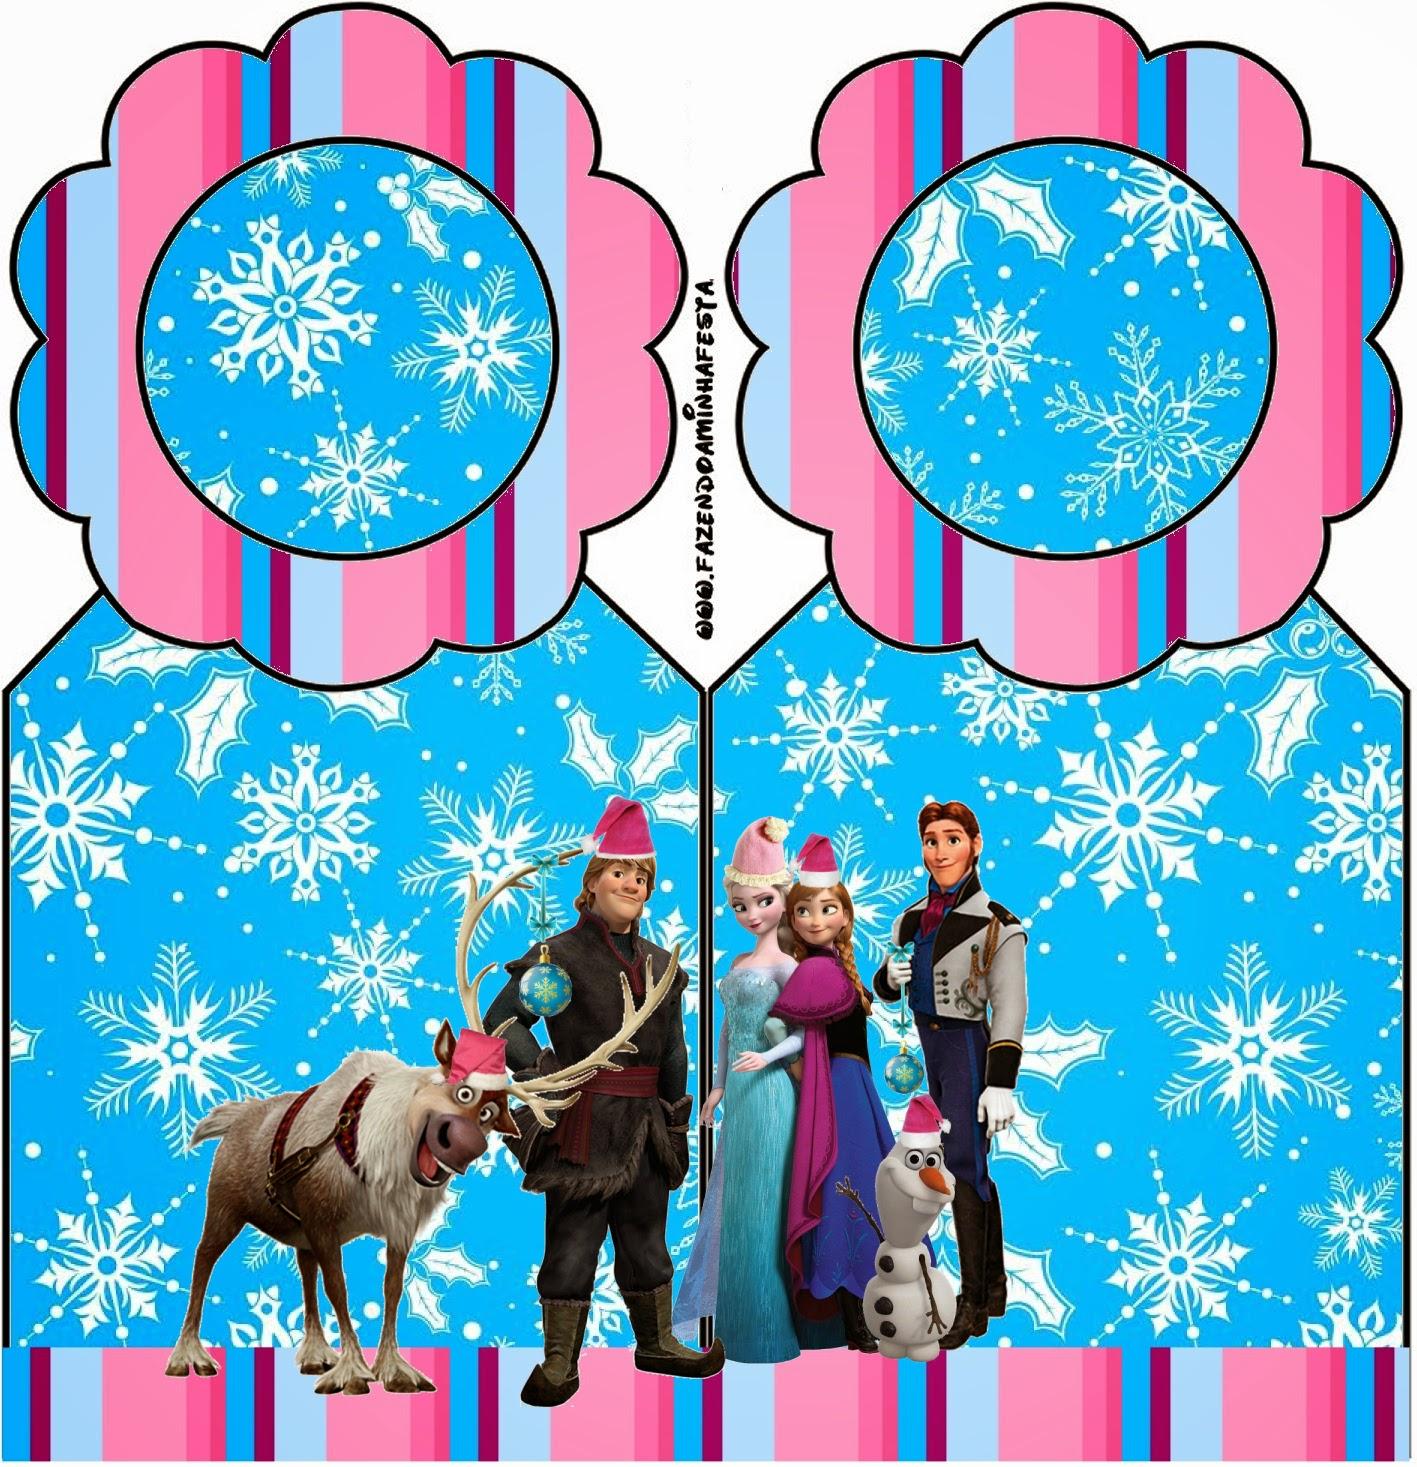 Para Marcapaginas para imprimir gratis de Frozen para Navidad.